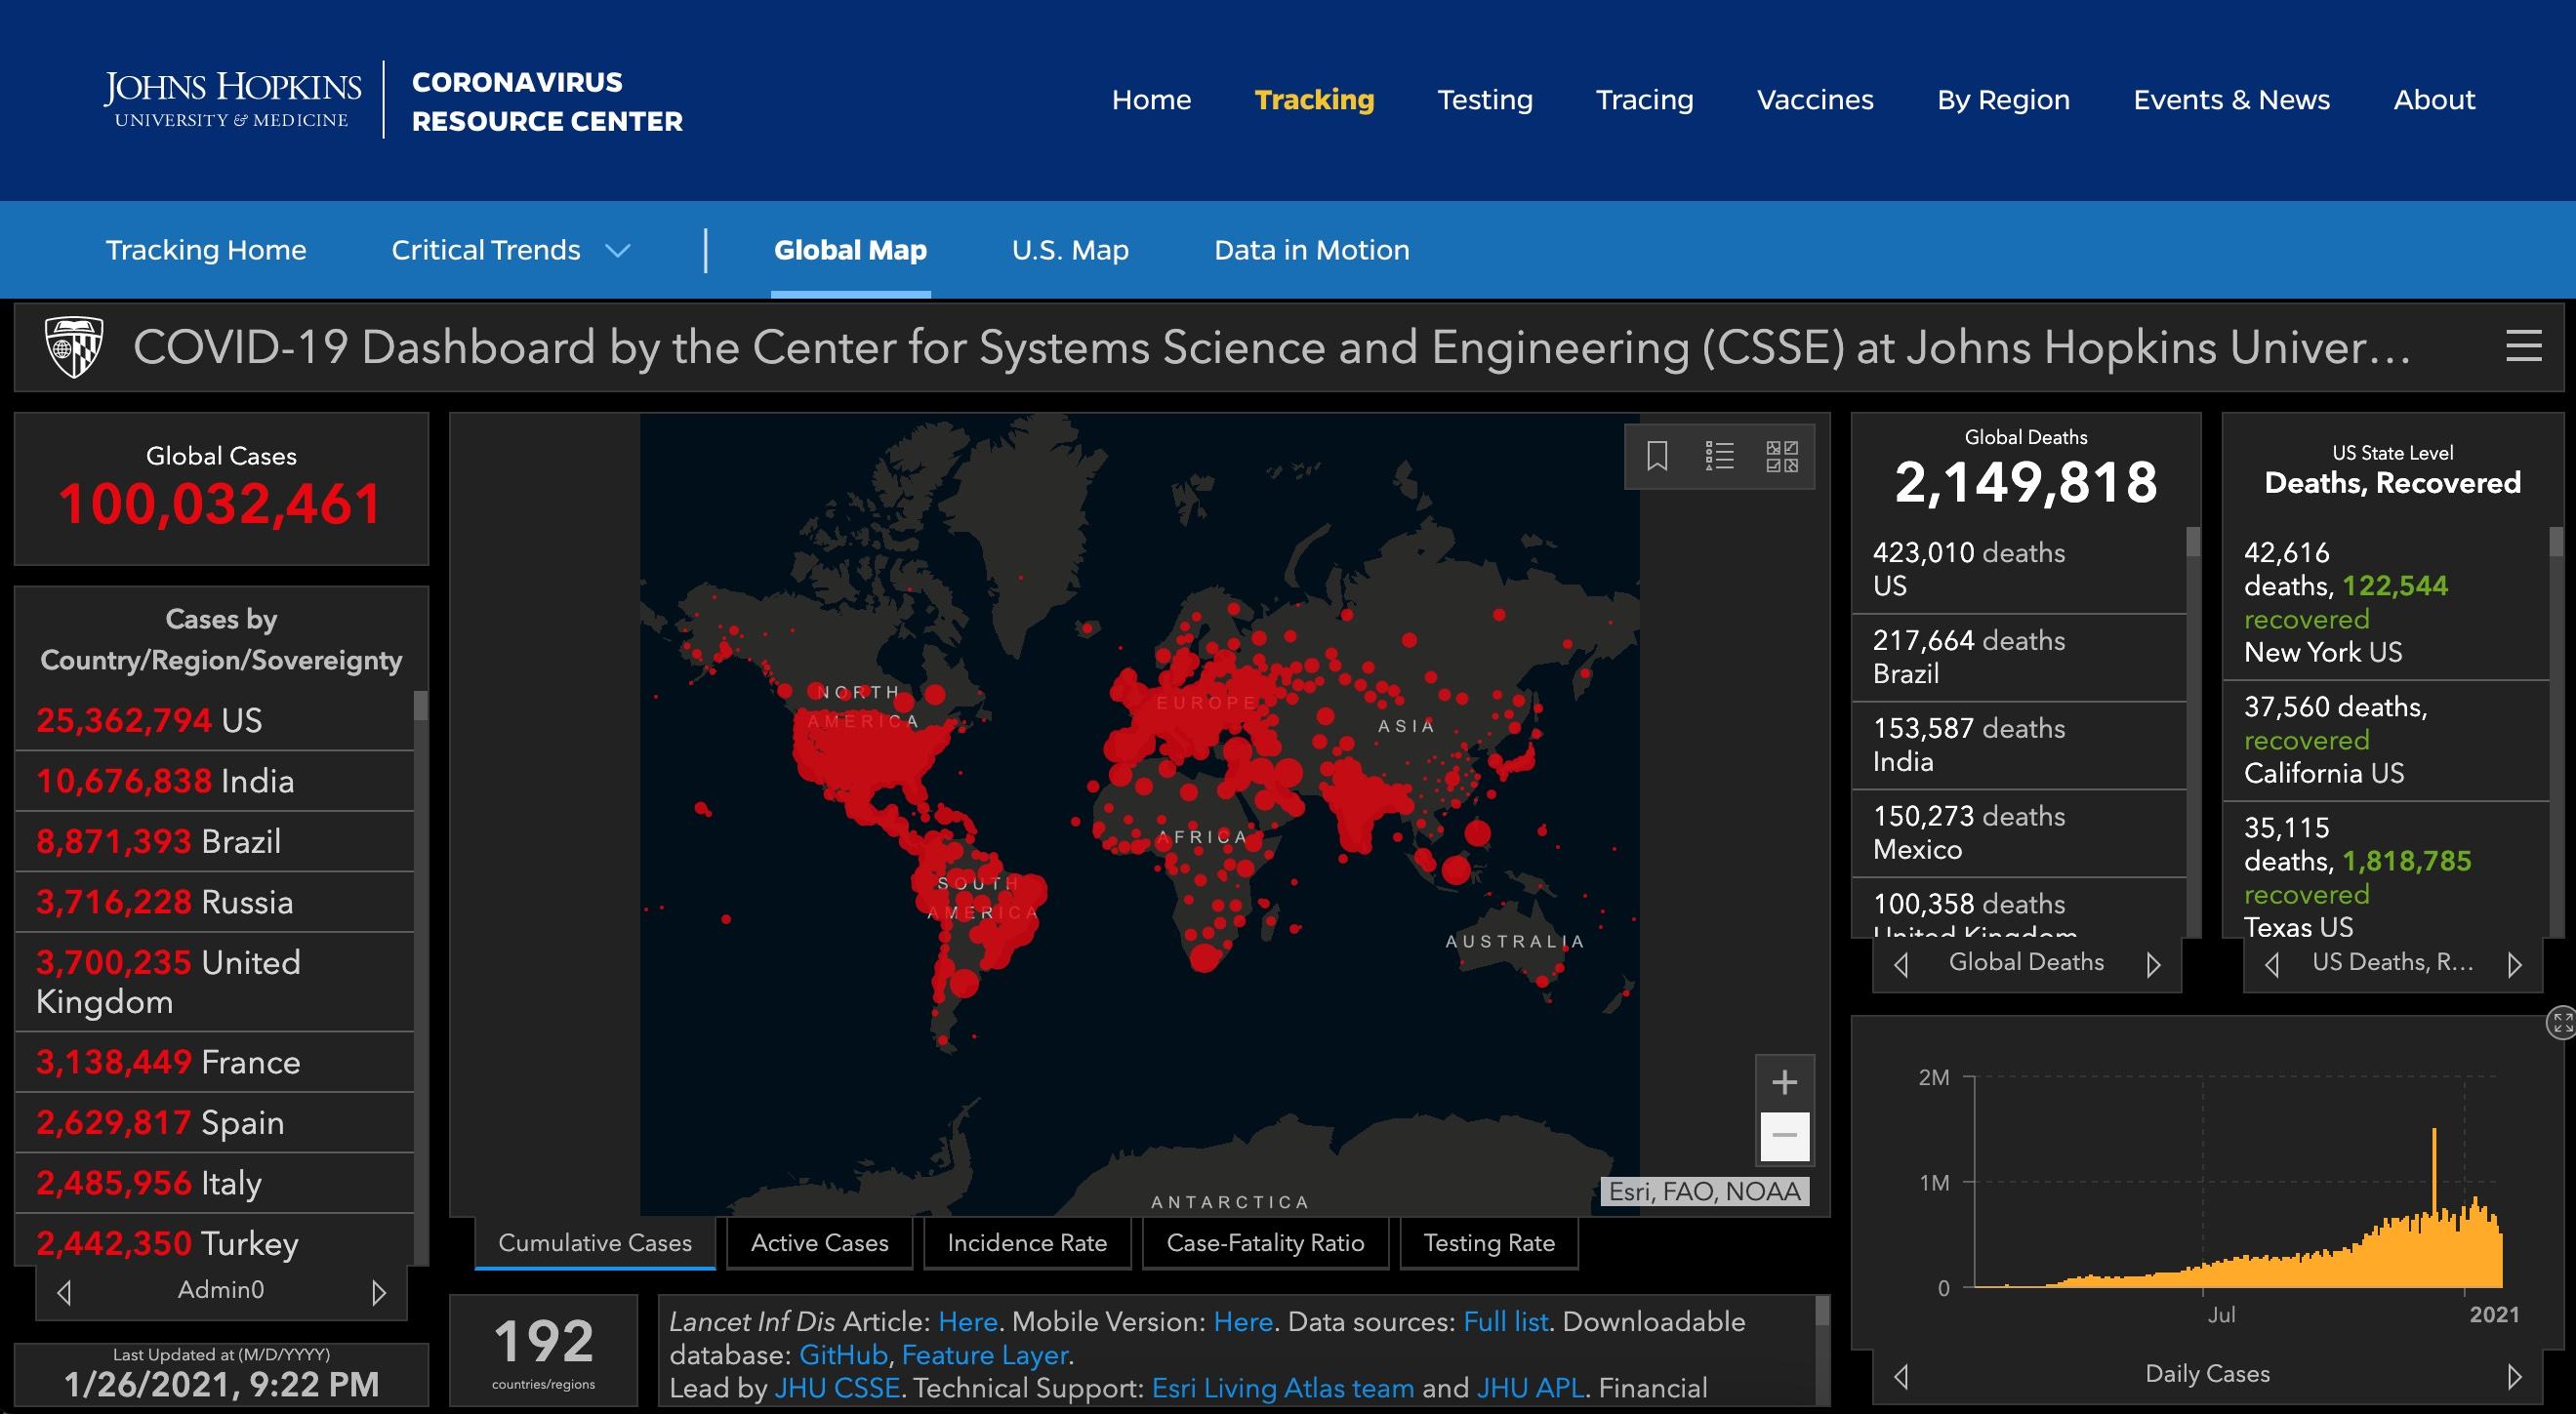 Количество заболевших COVID-19 в мире превысило 100 млн. (Скриншот сайта Университета Джона Хопкинса)